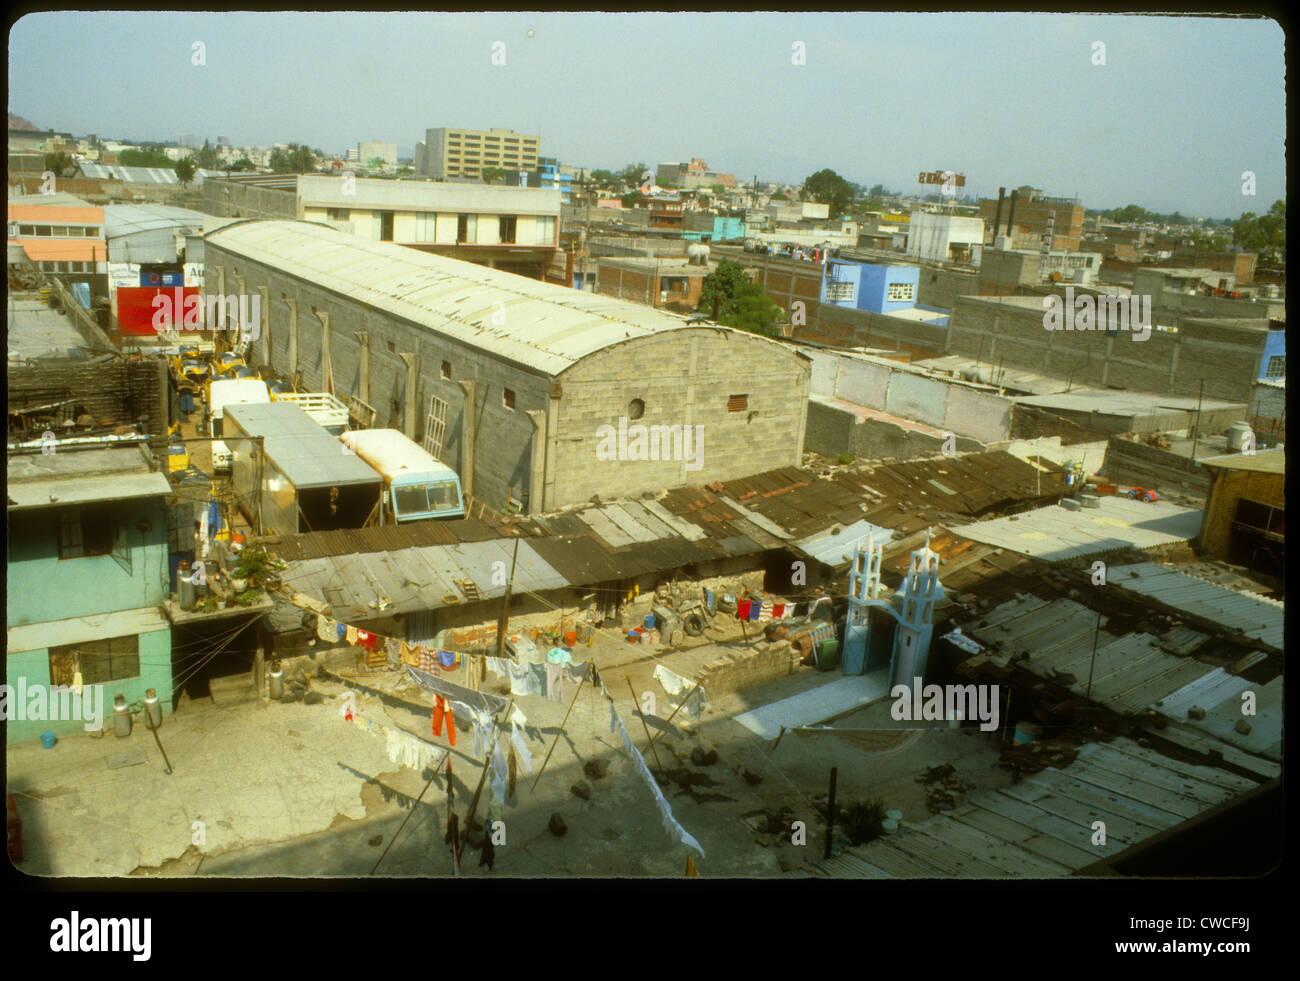 Campeche México paisaje urbano 1973 día barracas ropa secando wind city 1983 1980 ángulo alto Imagen De Stock